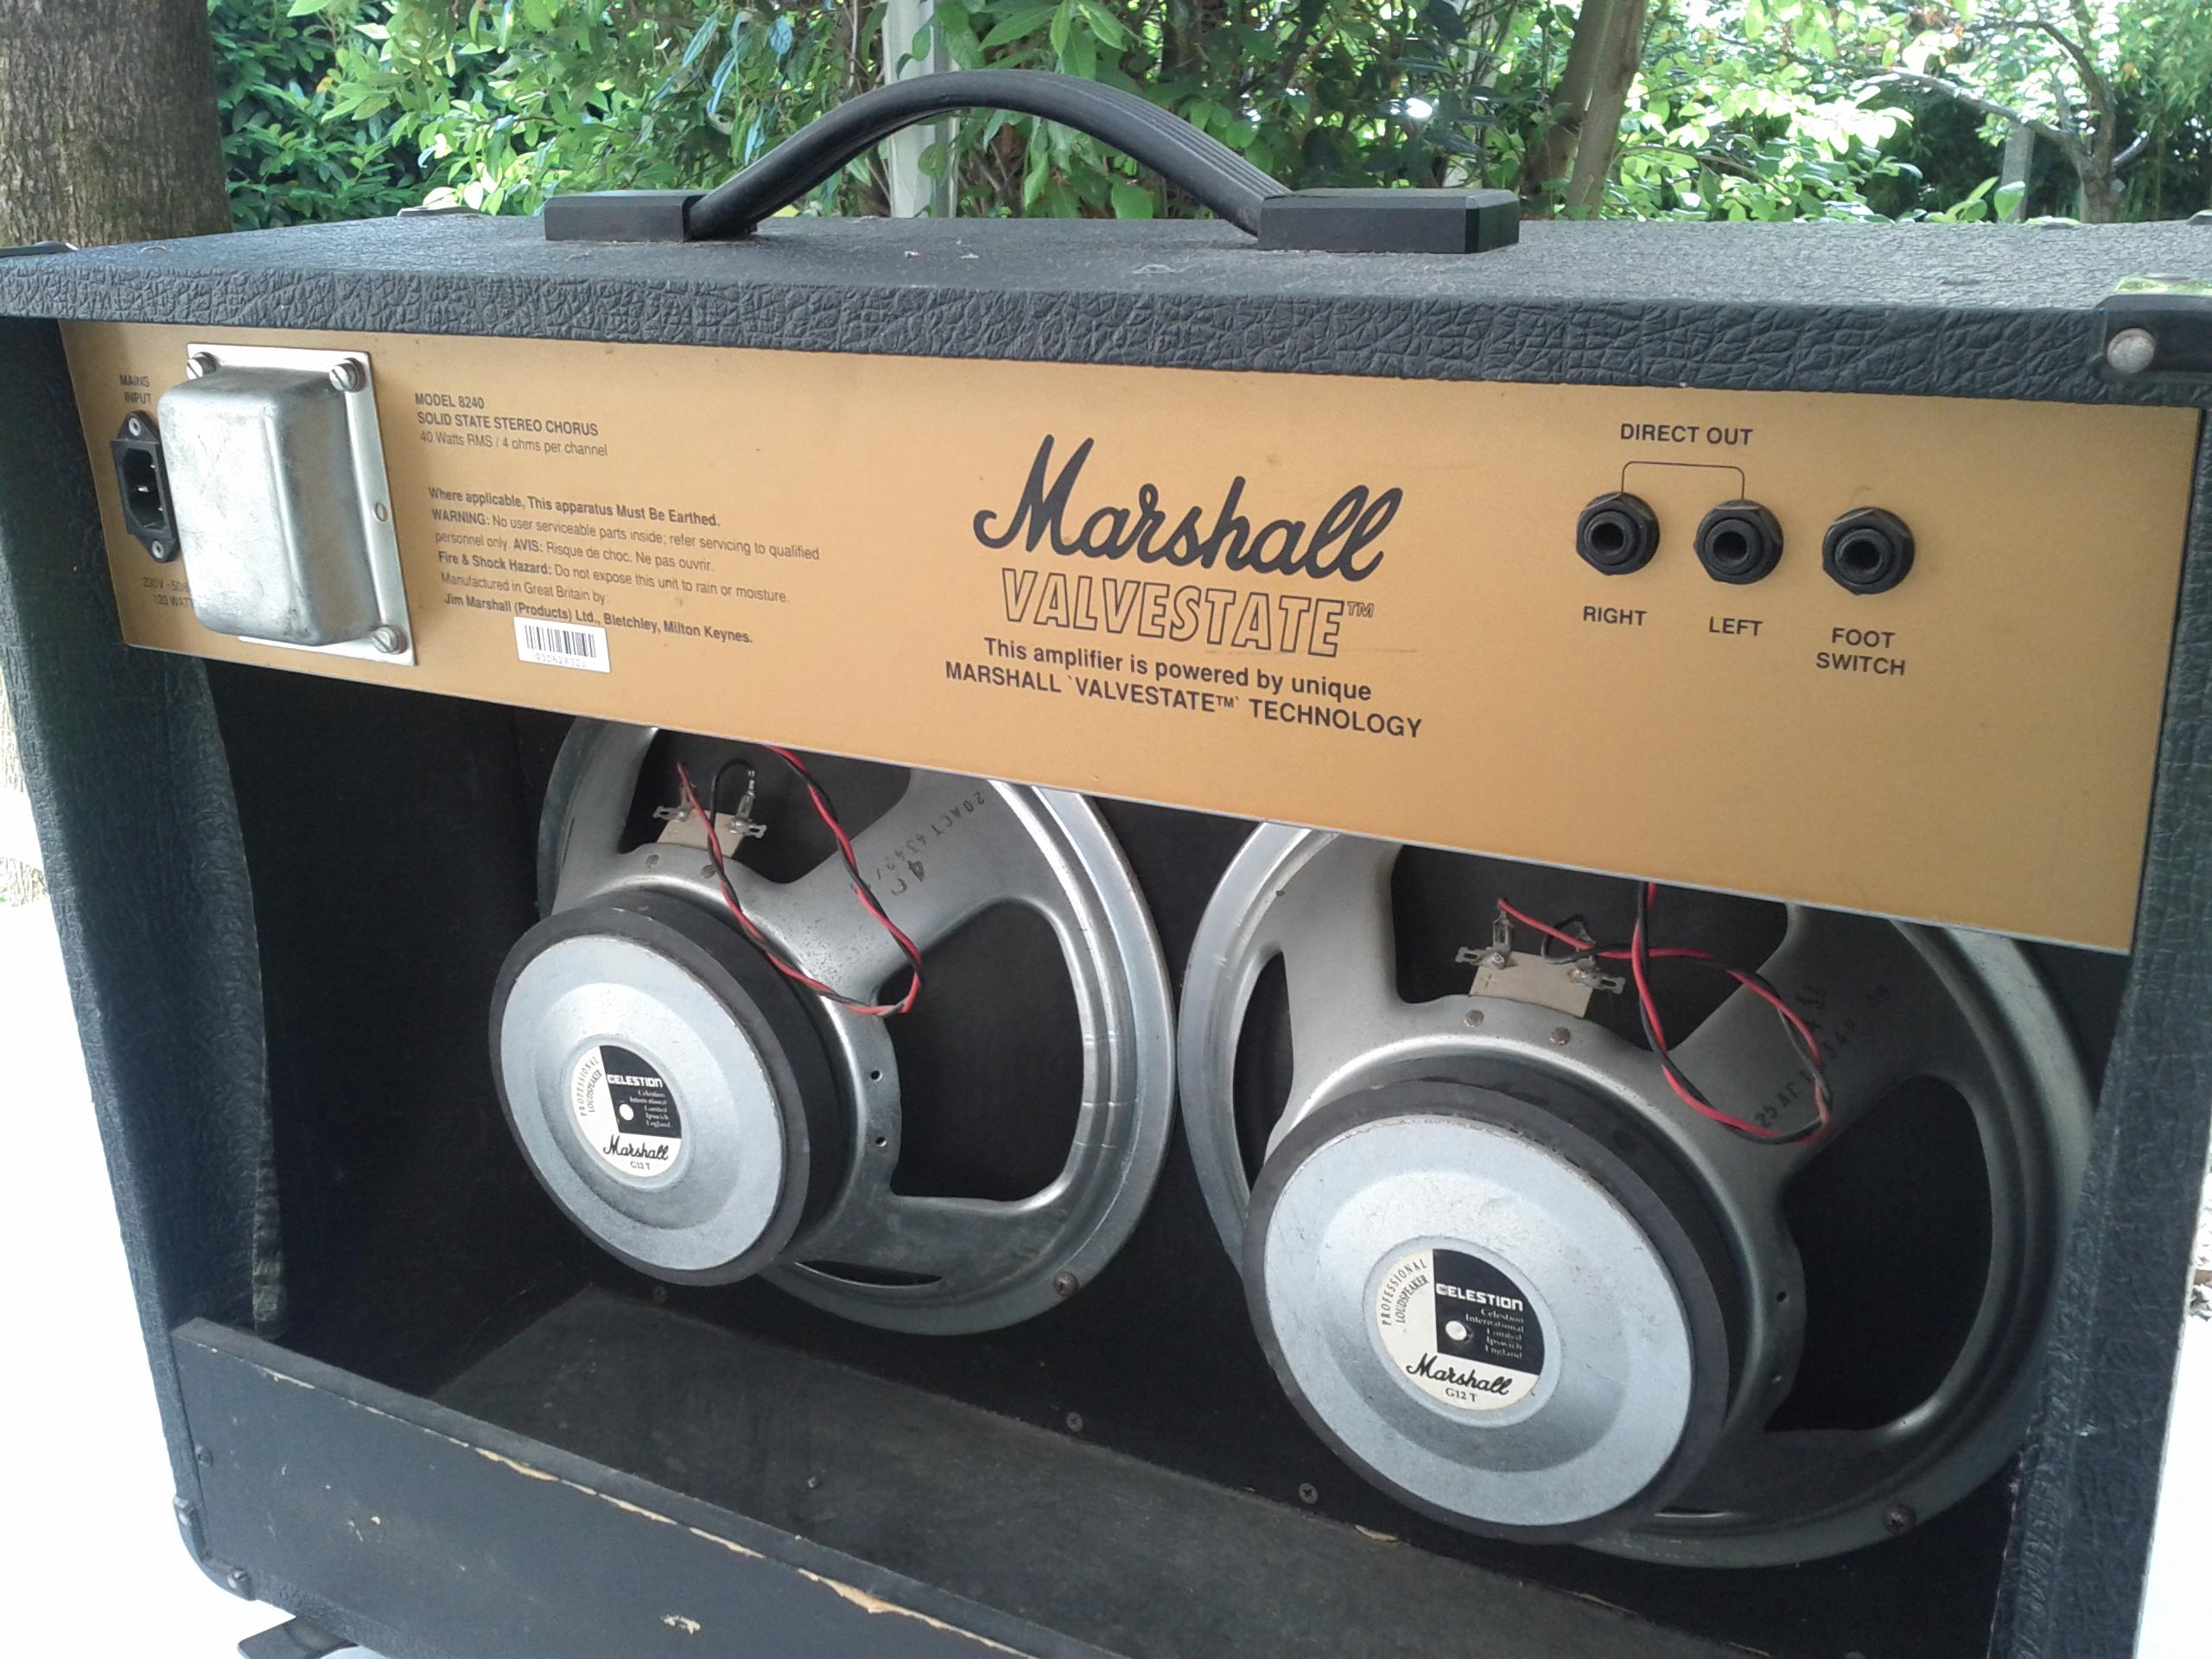 marshall 8240 valvestate s80 stereo chorus image 1139731 rh en audiofanzine com Weber Speakers Celestion Speakers Logo